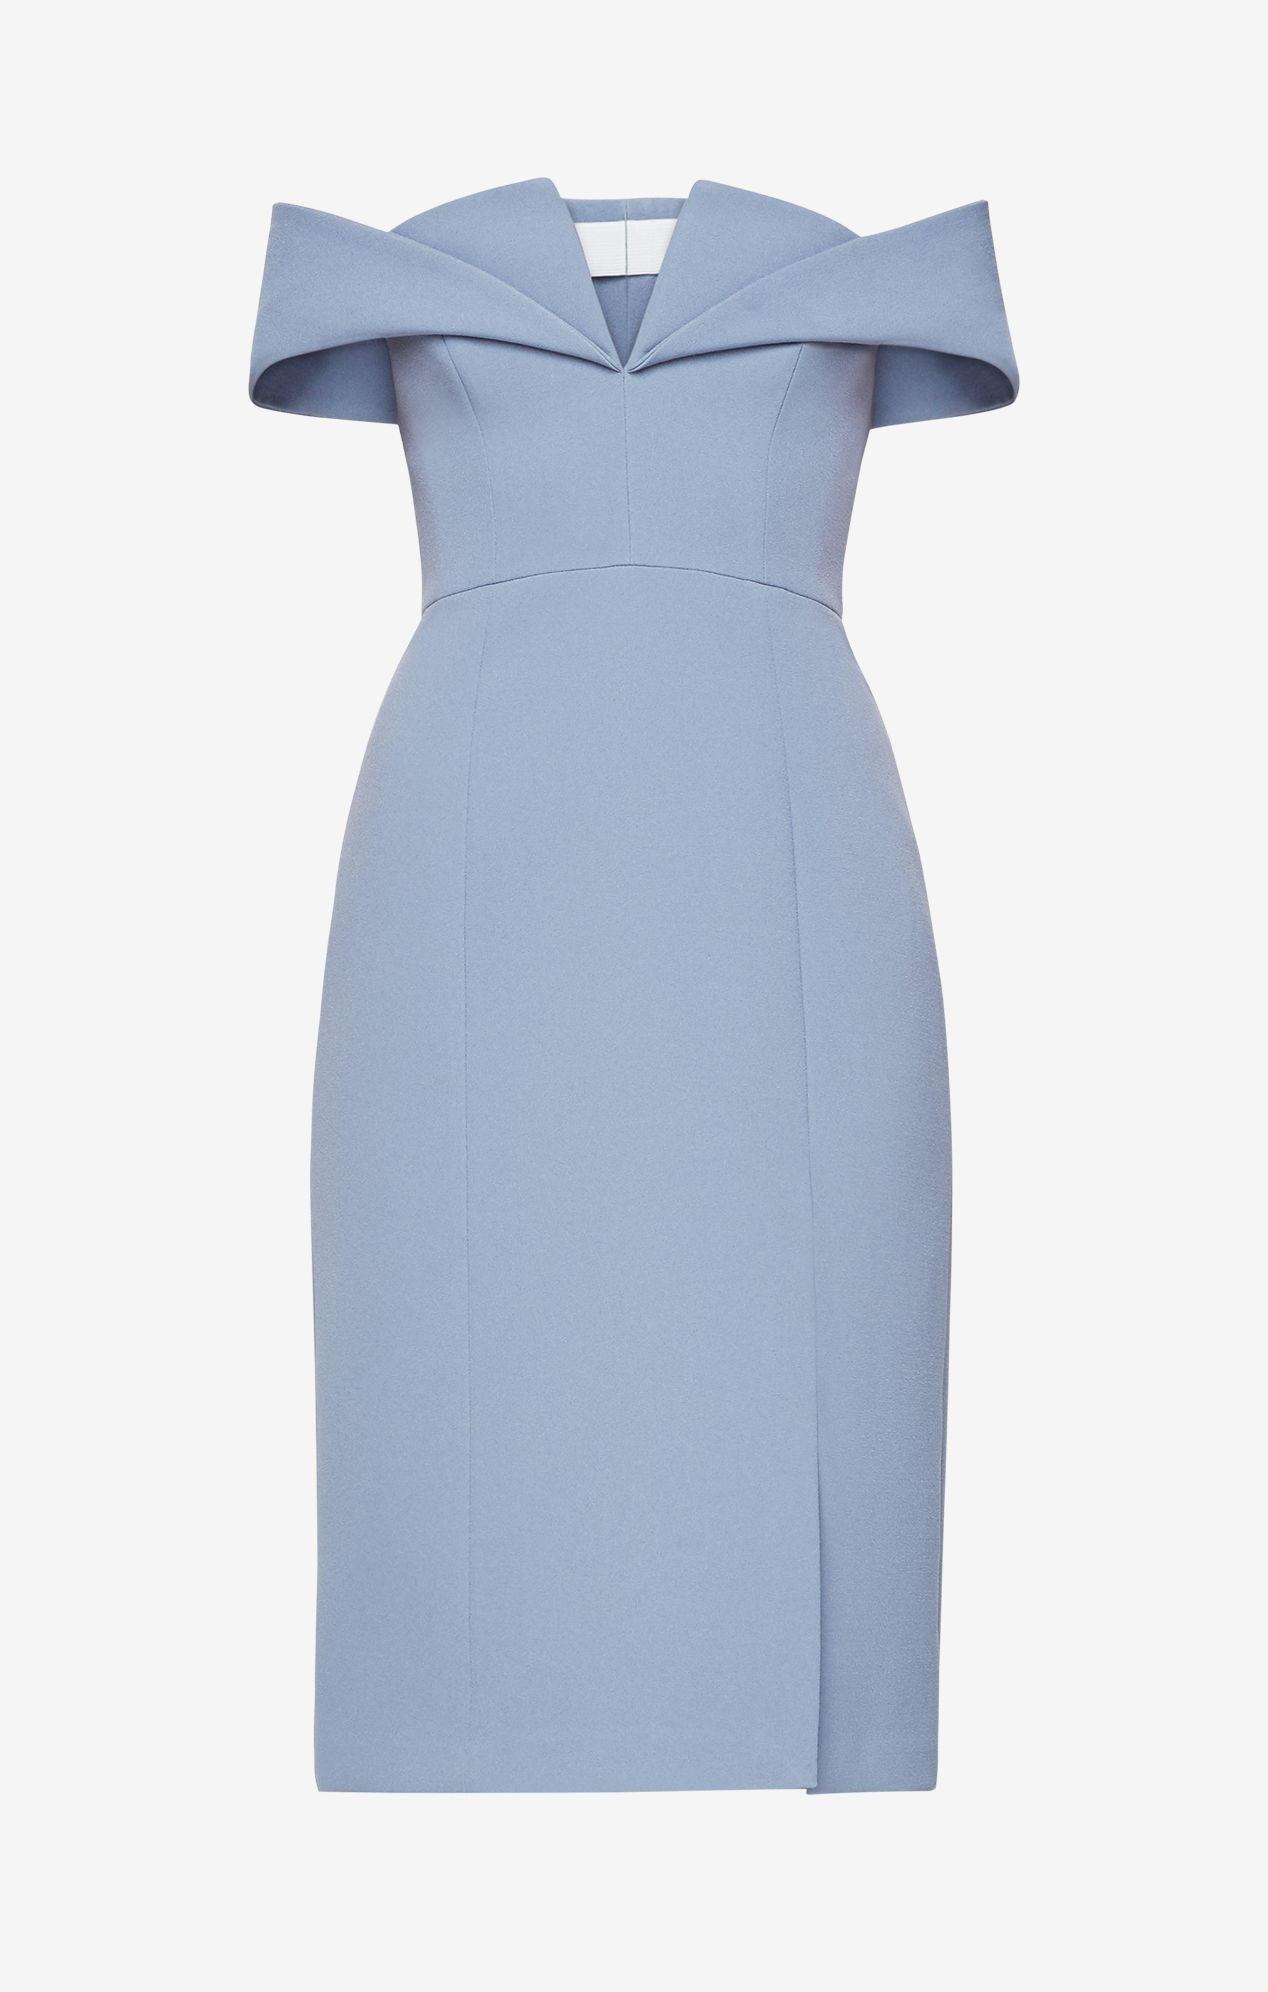 17 Top Damen Kleider Für Hochzeit Bester Preis10 Cool Damen Kleider Für Hochzeit Boutique